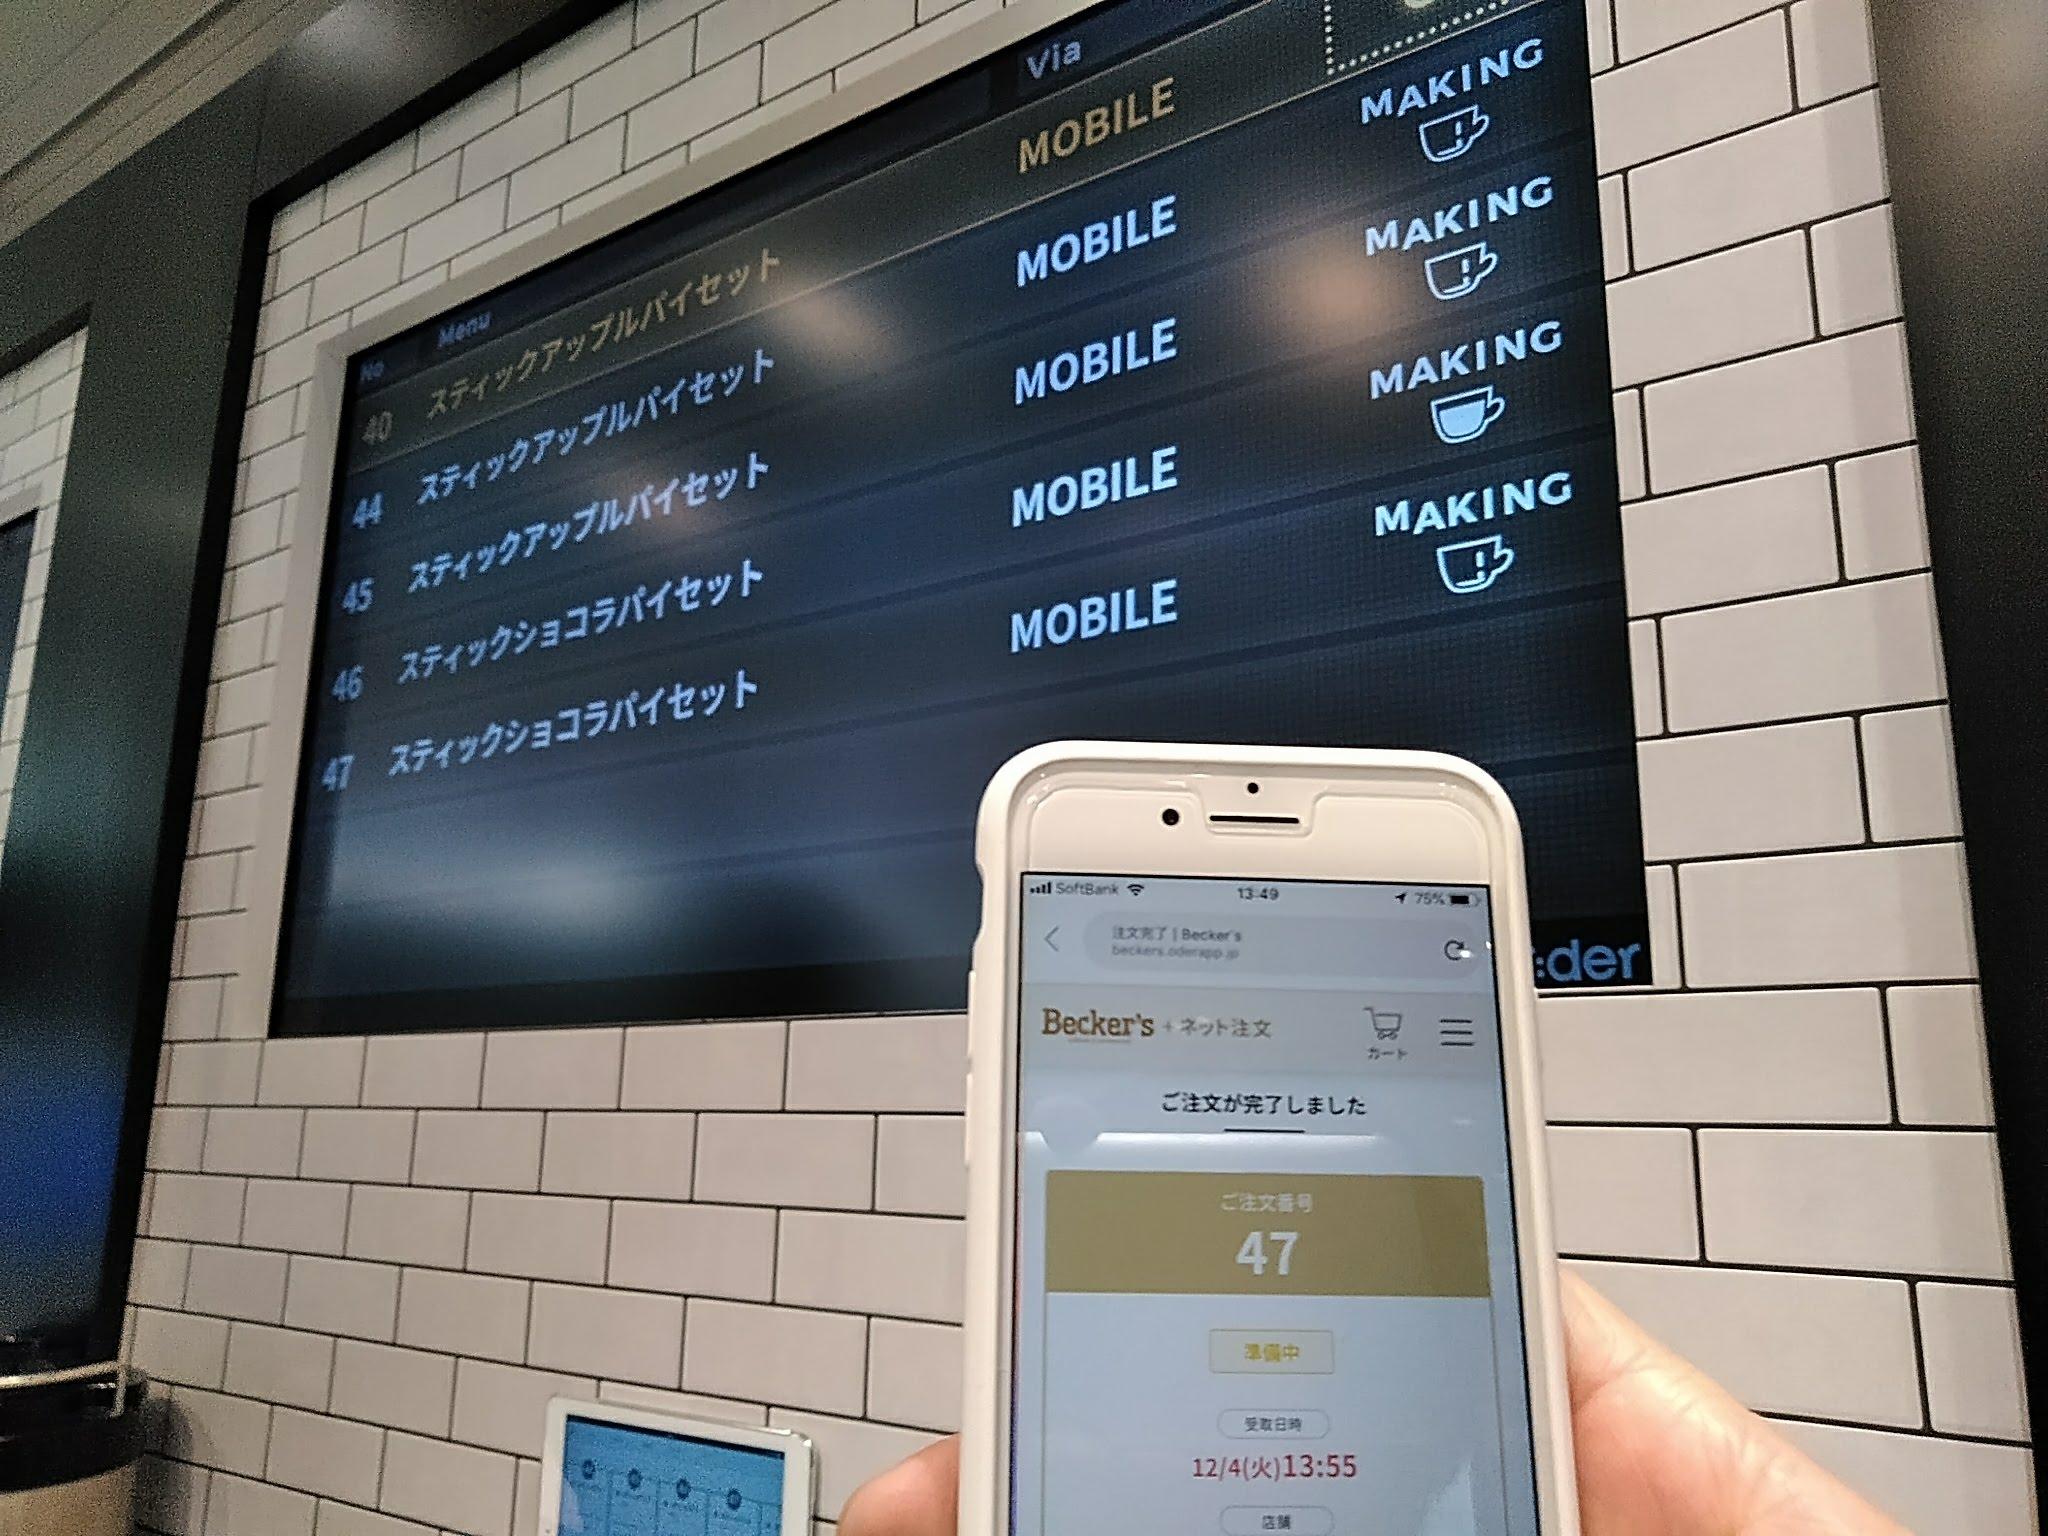 「STARTUP_STATION」@大宮駅、こんな体験ができます!